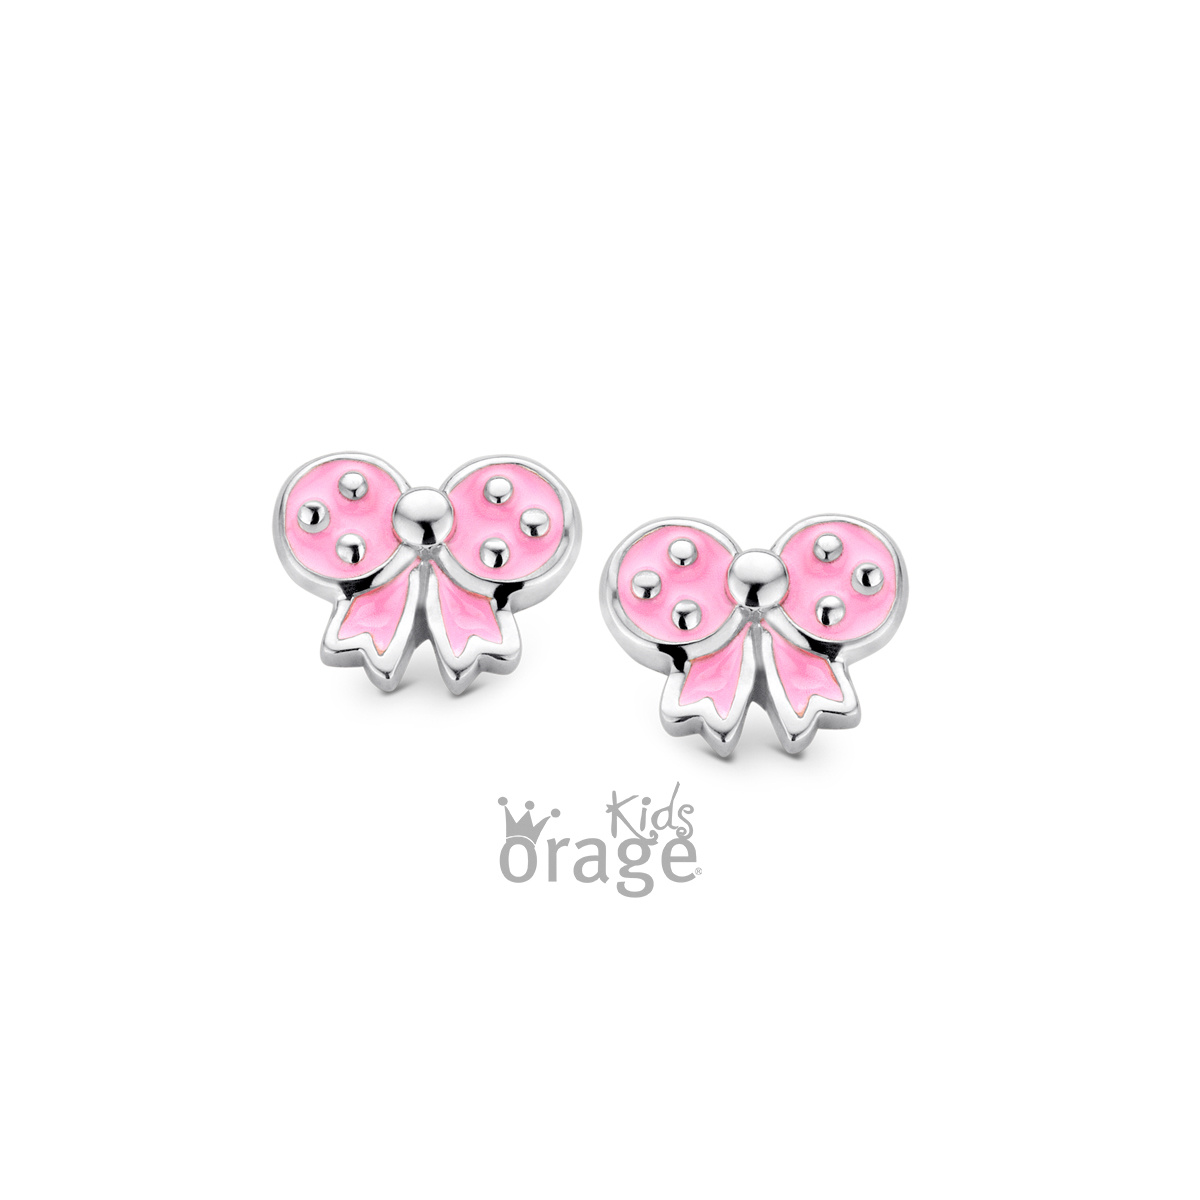 Orage kids  Oorringen roze strik 925 rh